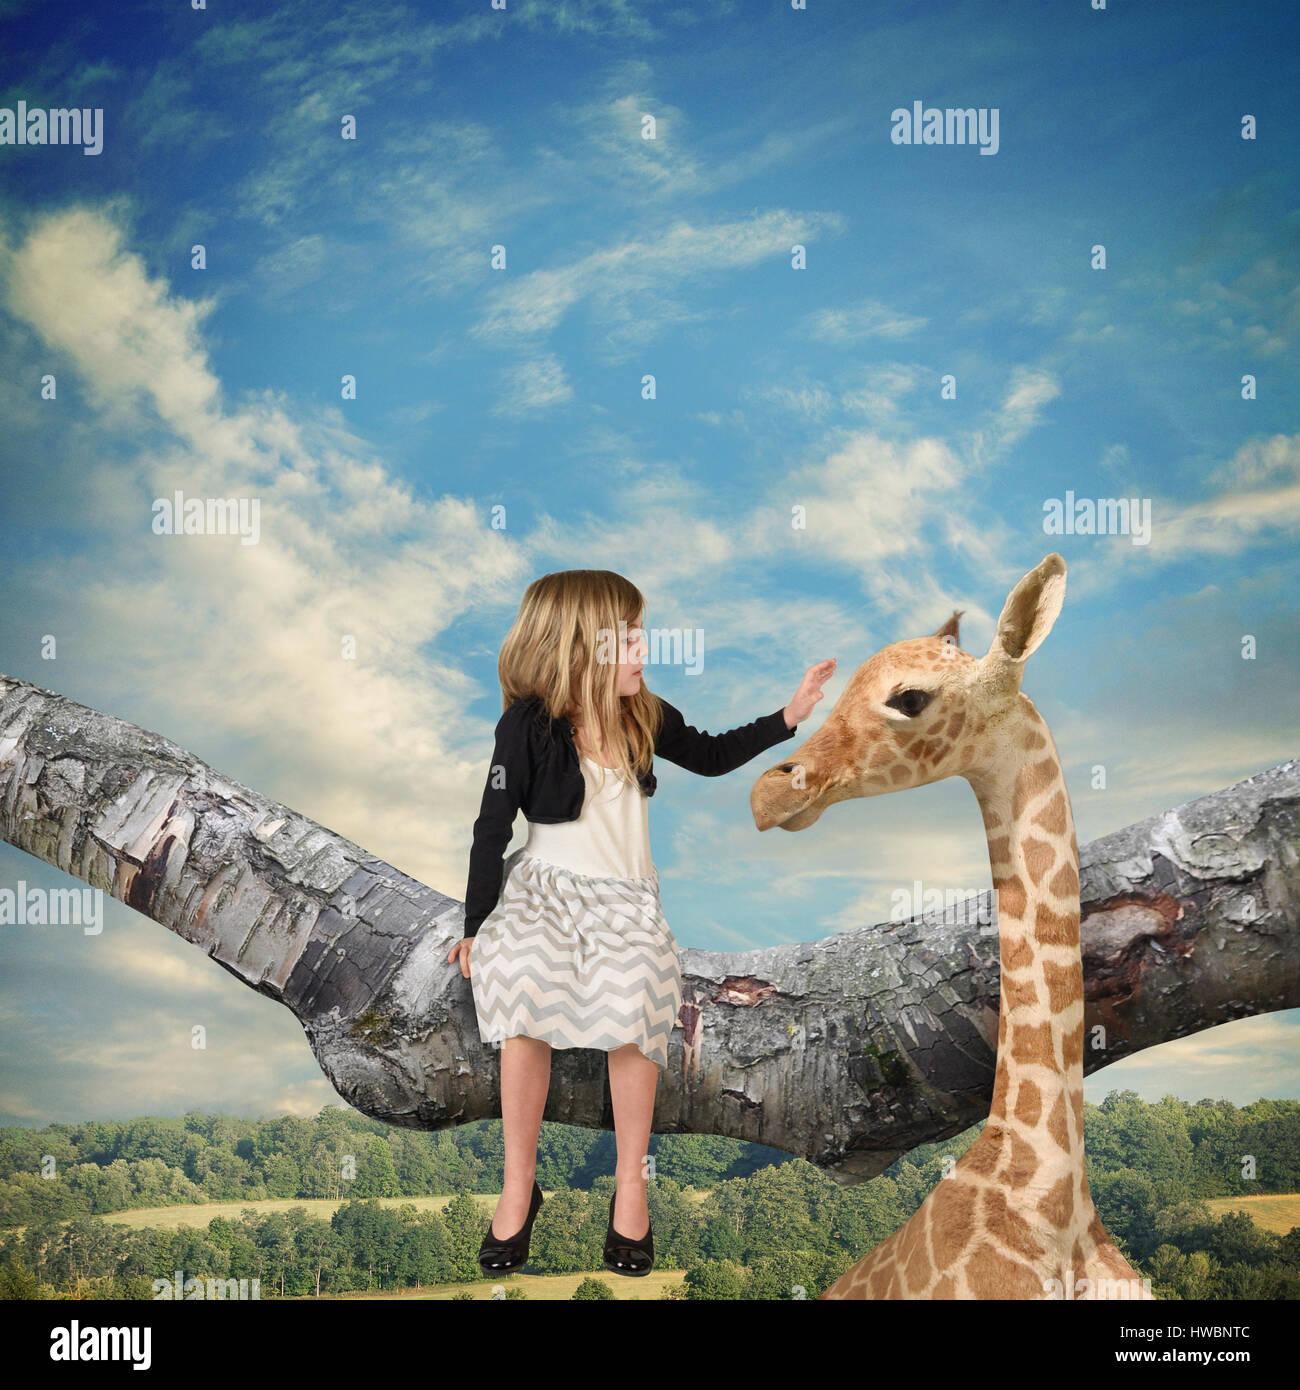 Una niña pequeña está sentada en la rama de un árbol de acariciar una jirafa arriba en el cielo Imagen De Stock